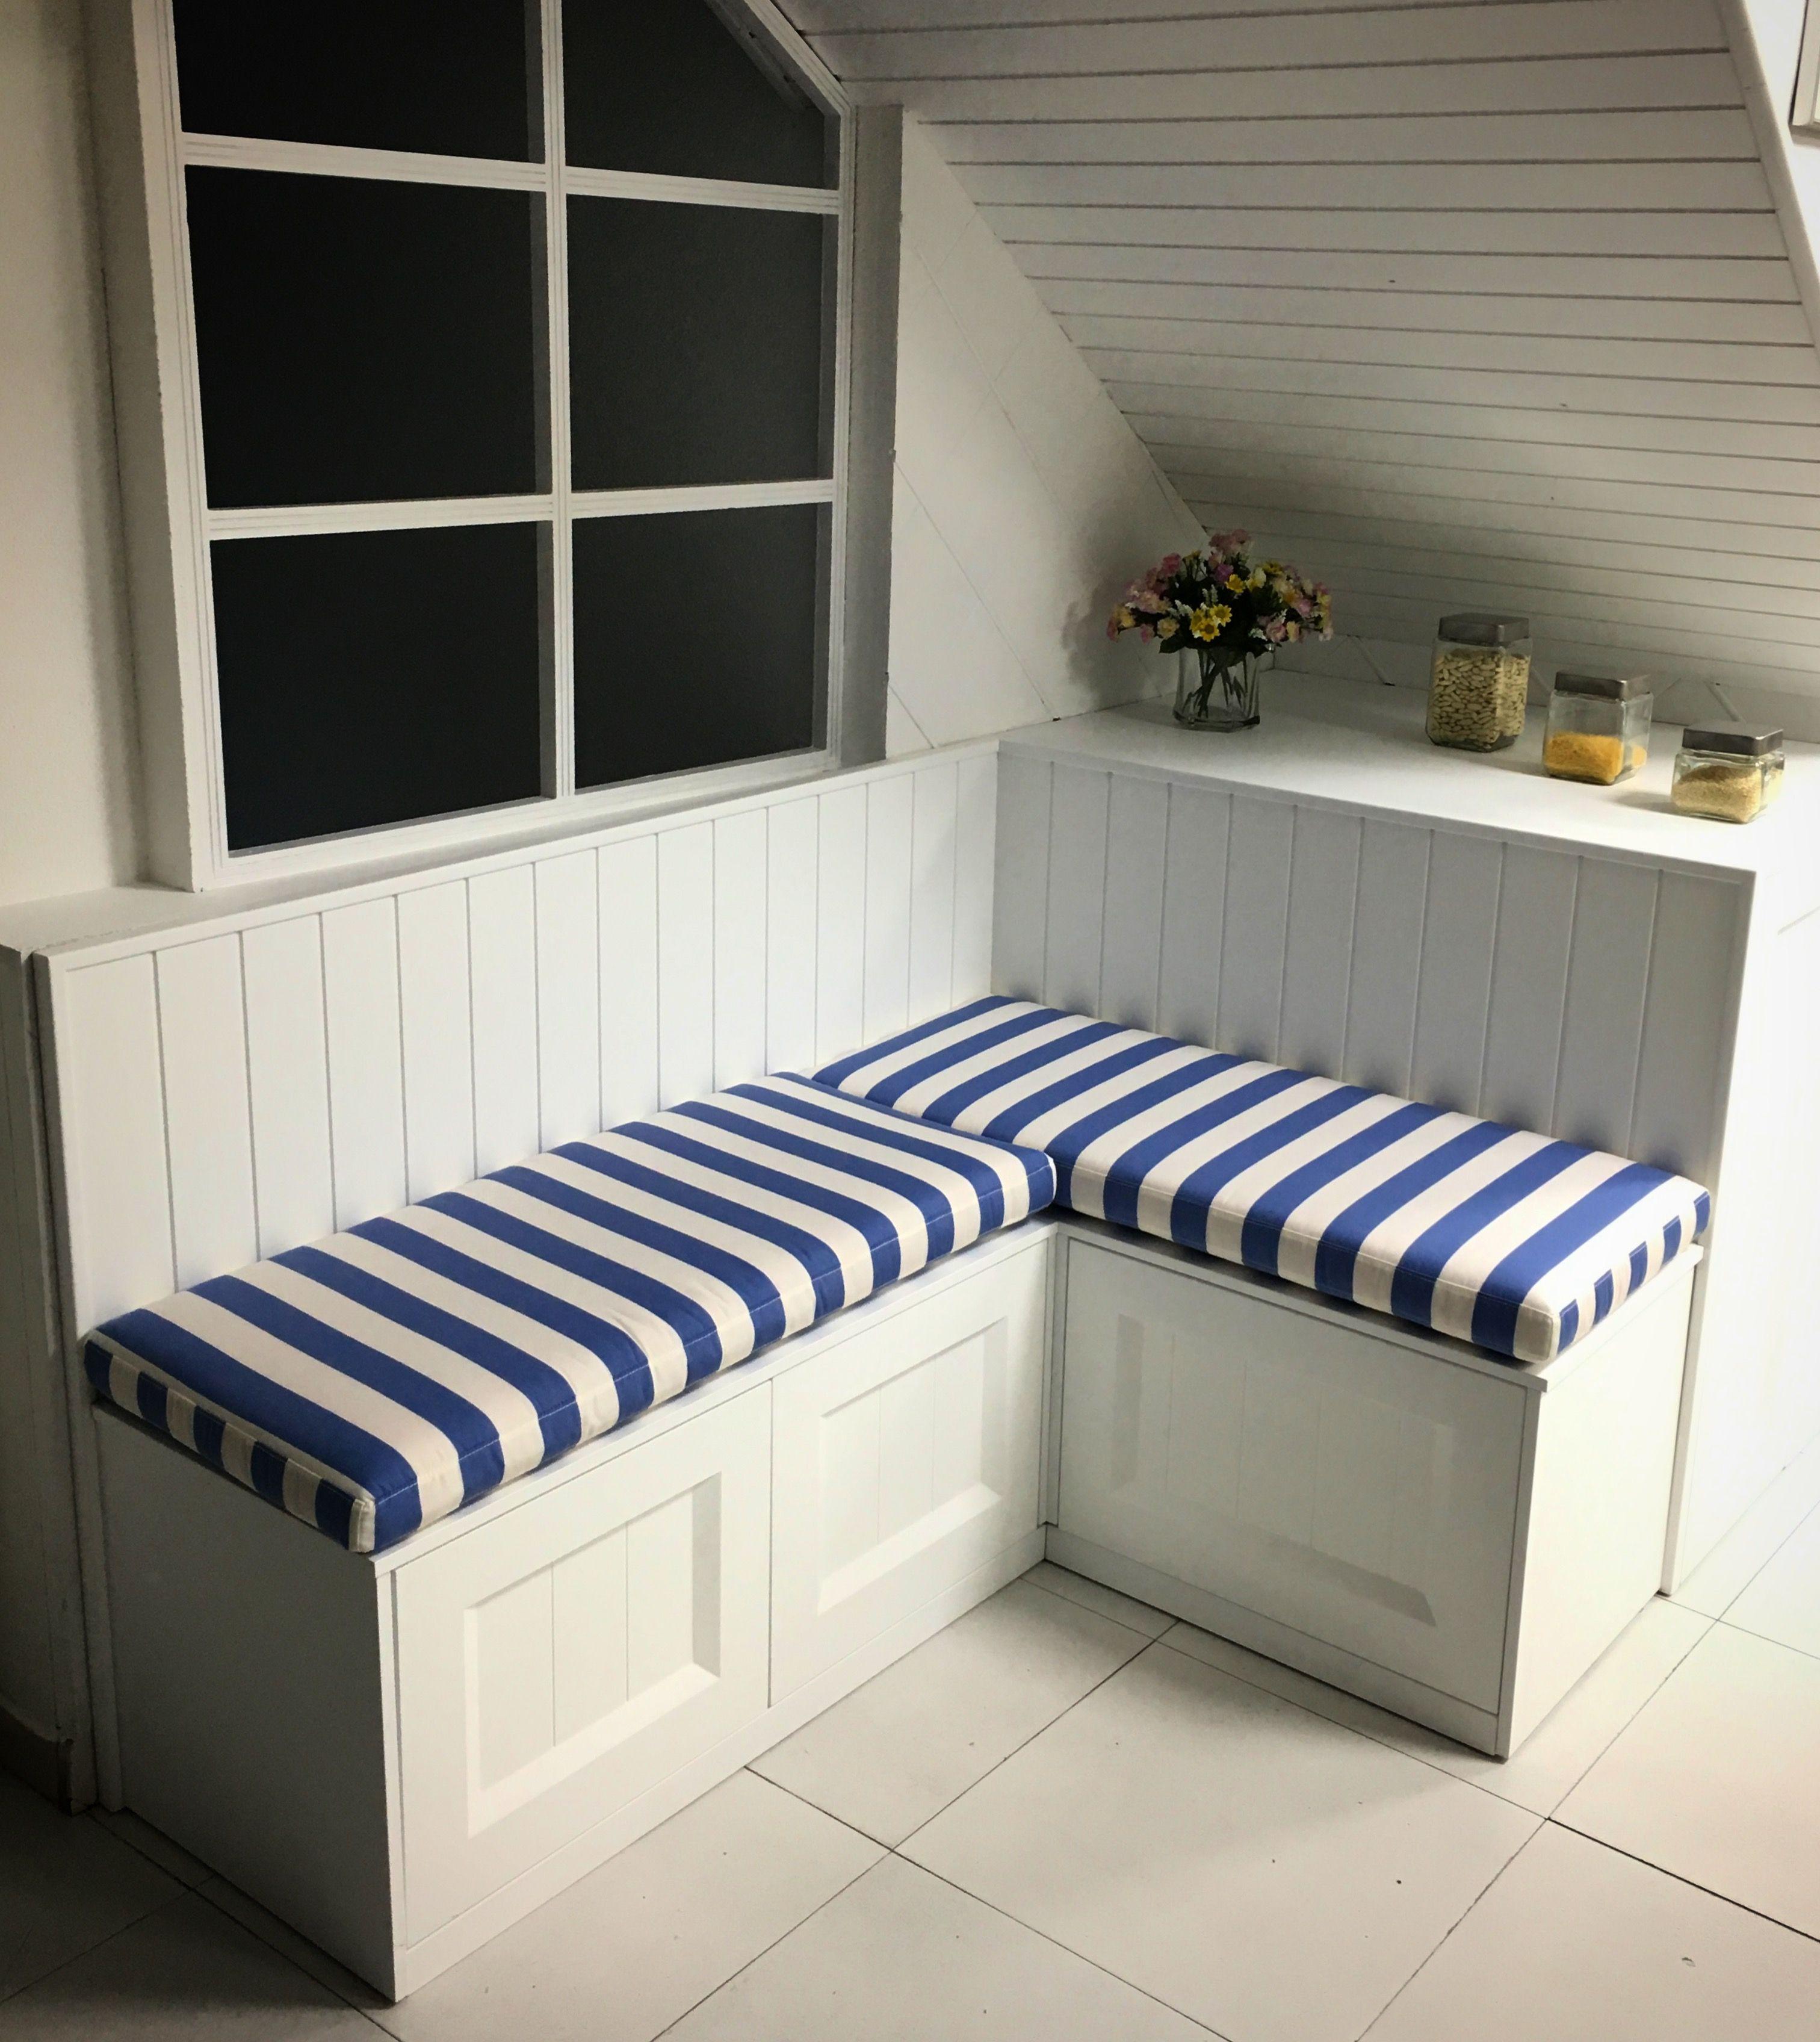 Banco de cocina a medida bancos de cocina muebles con - Bancos esquineros para cocina ...